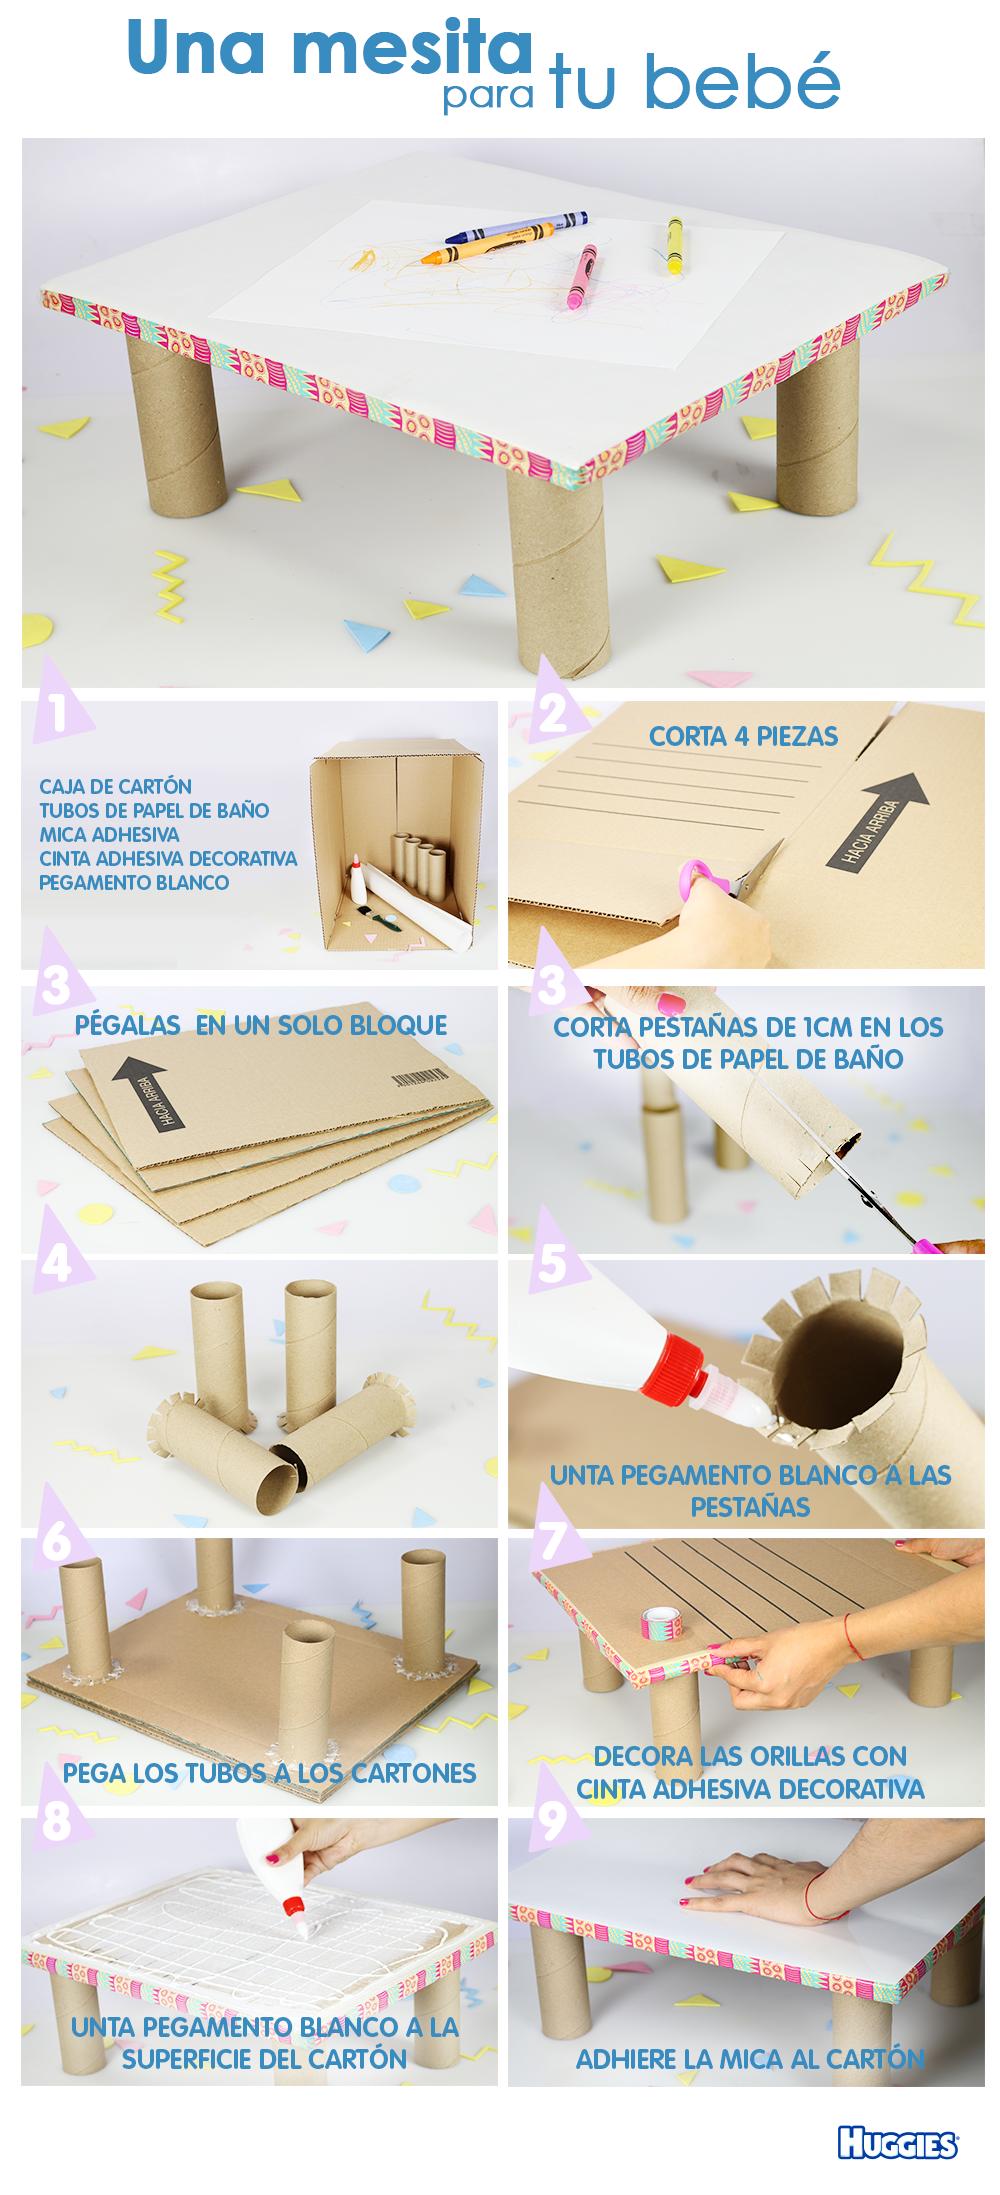 Tener un espacio y las herramientas necesarias es esencial para que tu bebé desarrolle su creatividad e impulse su motricidad fina. Comienza con esta mesa, unas hojas y crayolas, ¡te sorprenderá lo que es capaz de hacer!